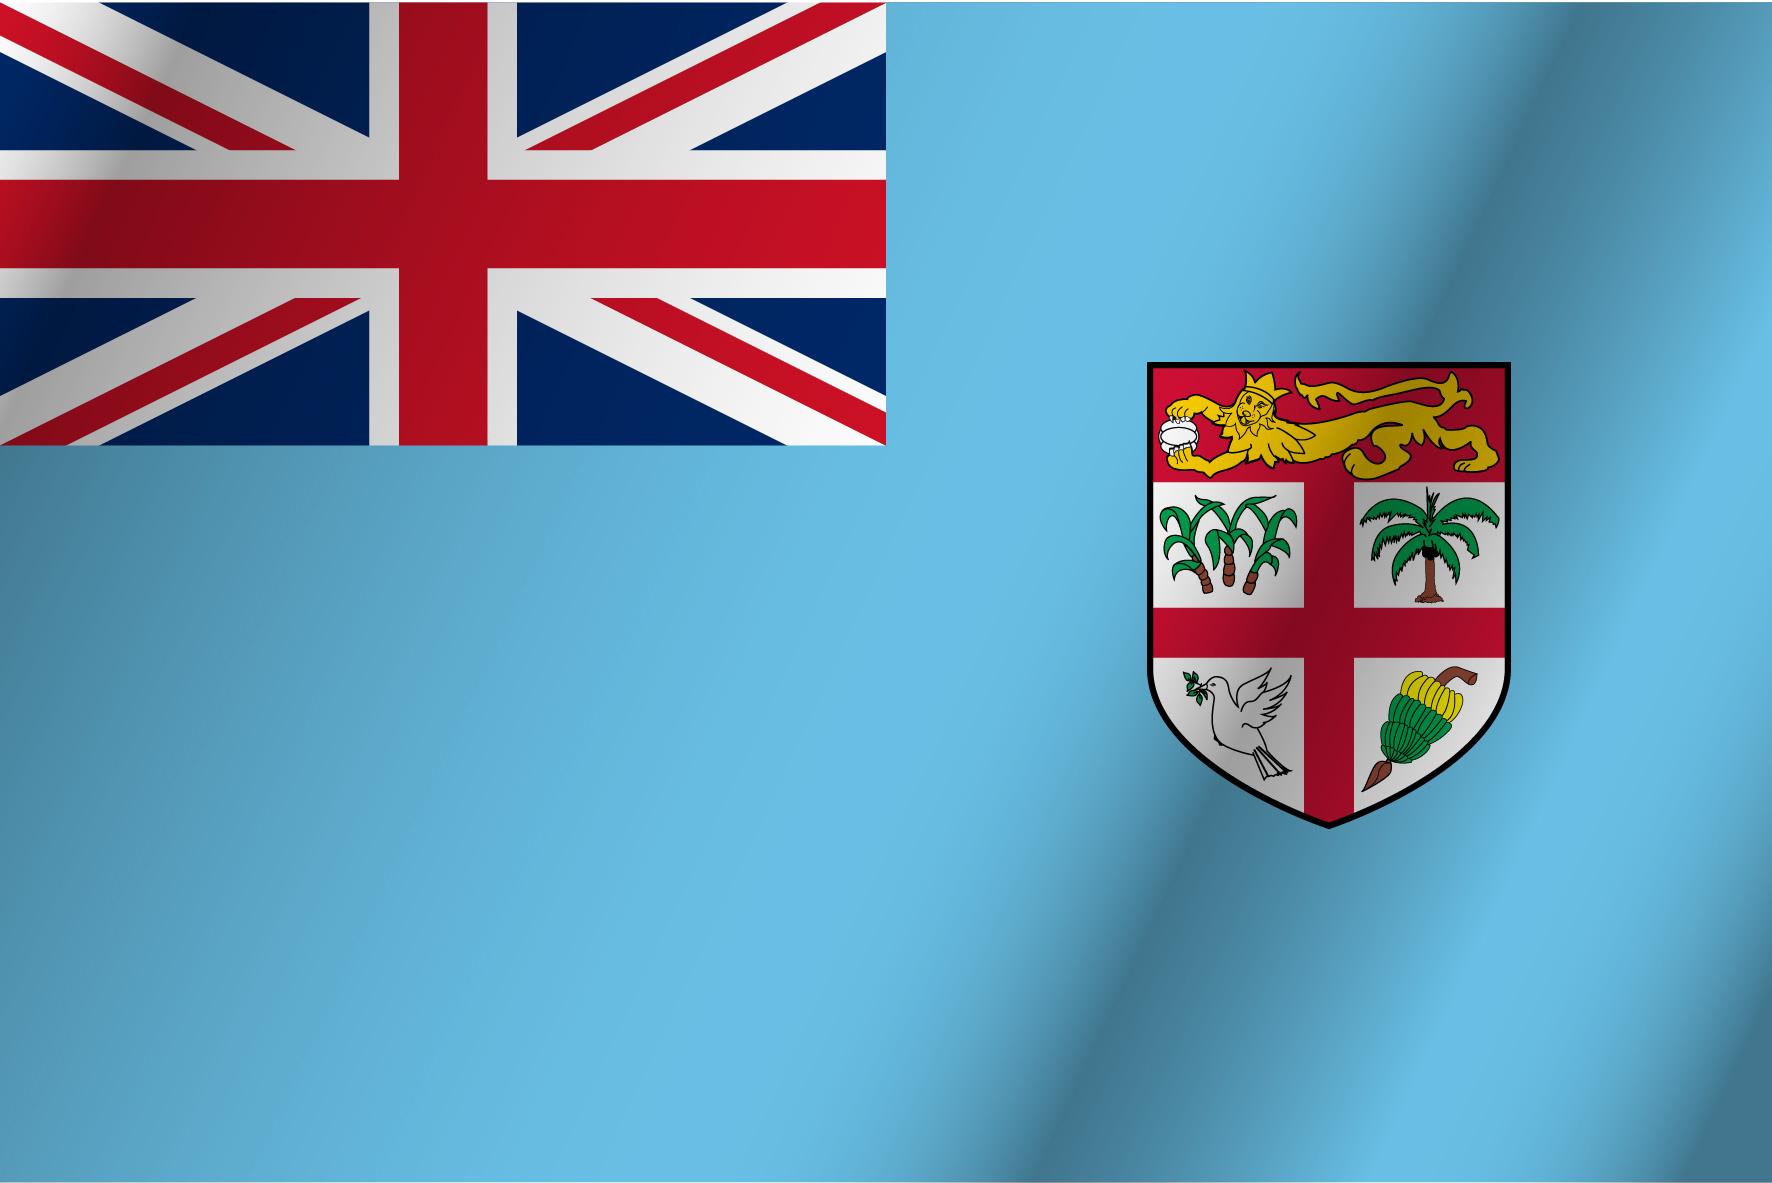 bandera roja blanca y azul horizontal con escudo